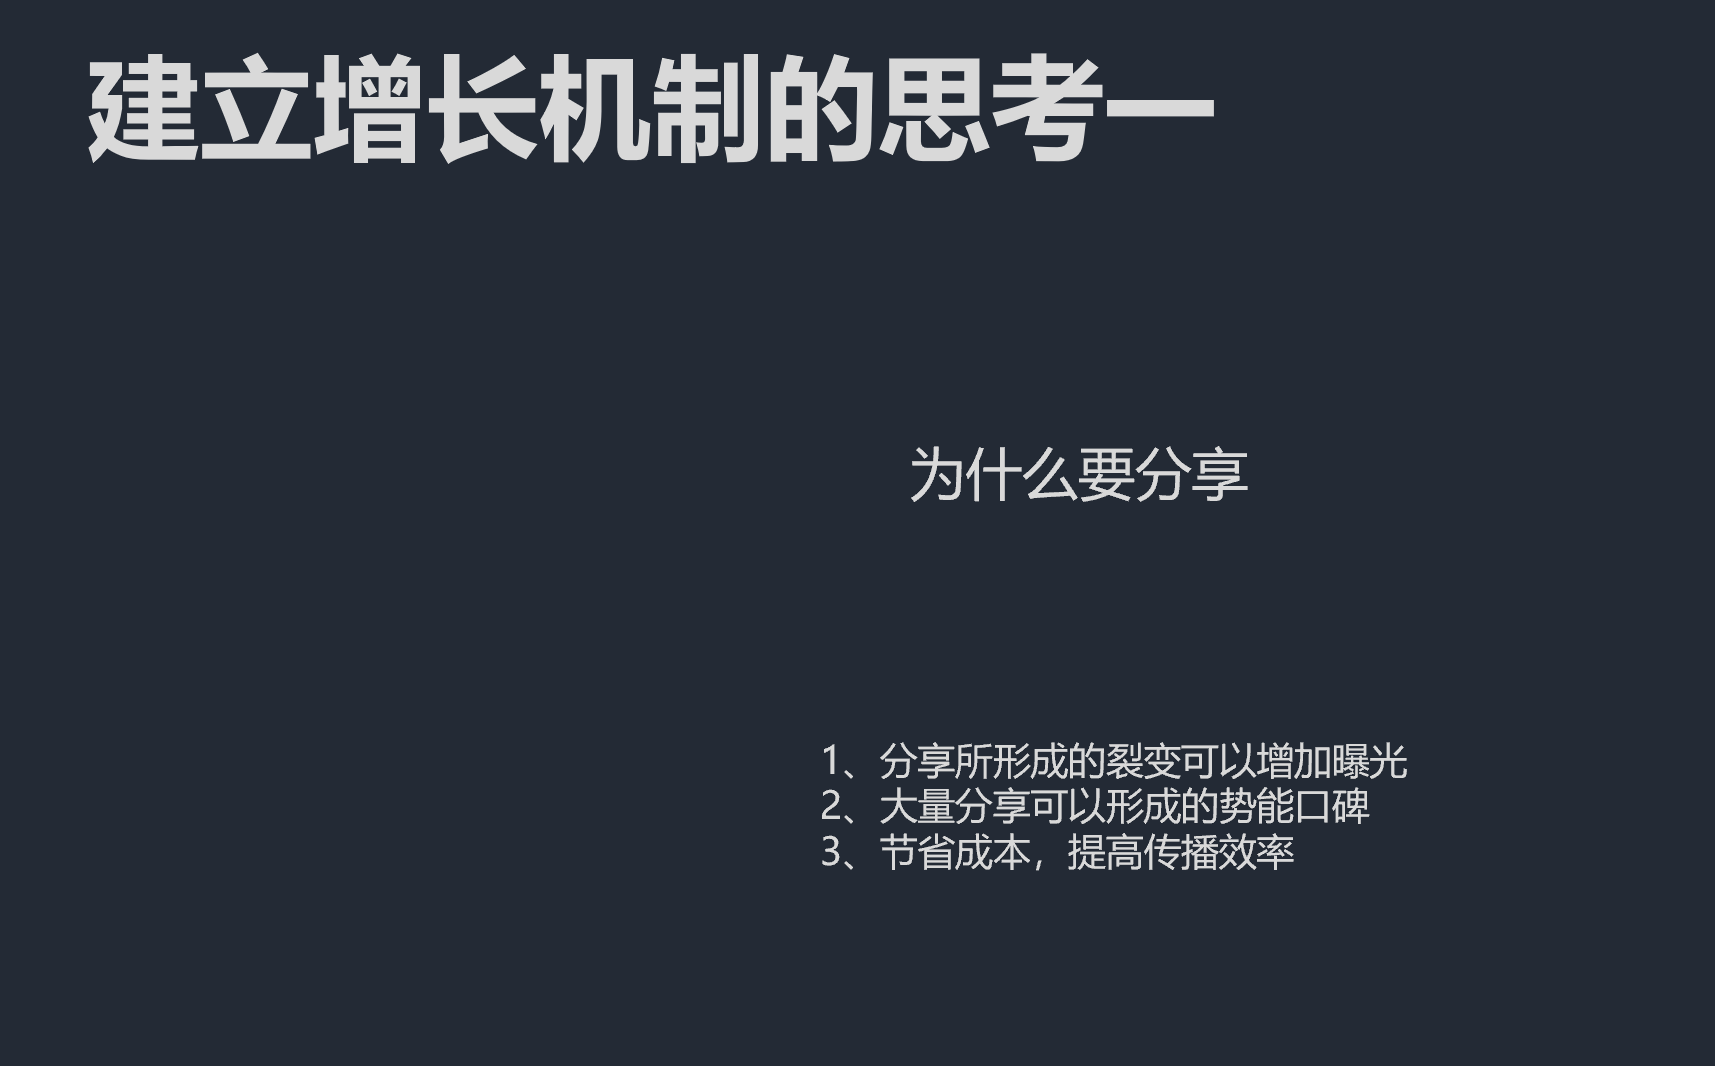 鸟哥笔记,新媒体,陈鸿,案例分析,增长,裂变,H5,裂变